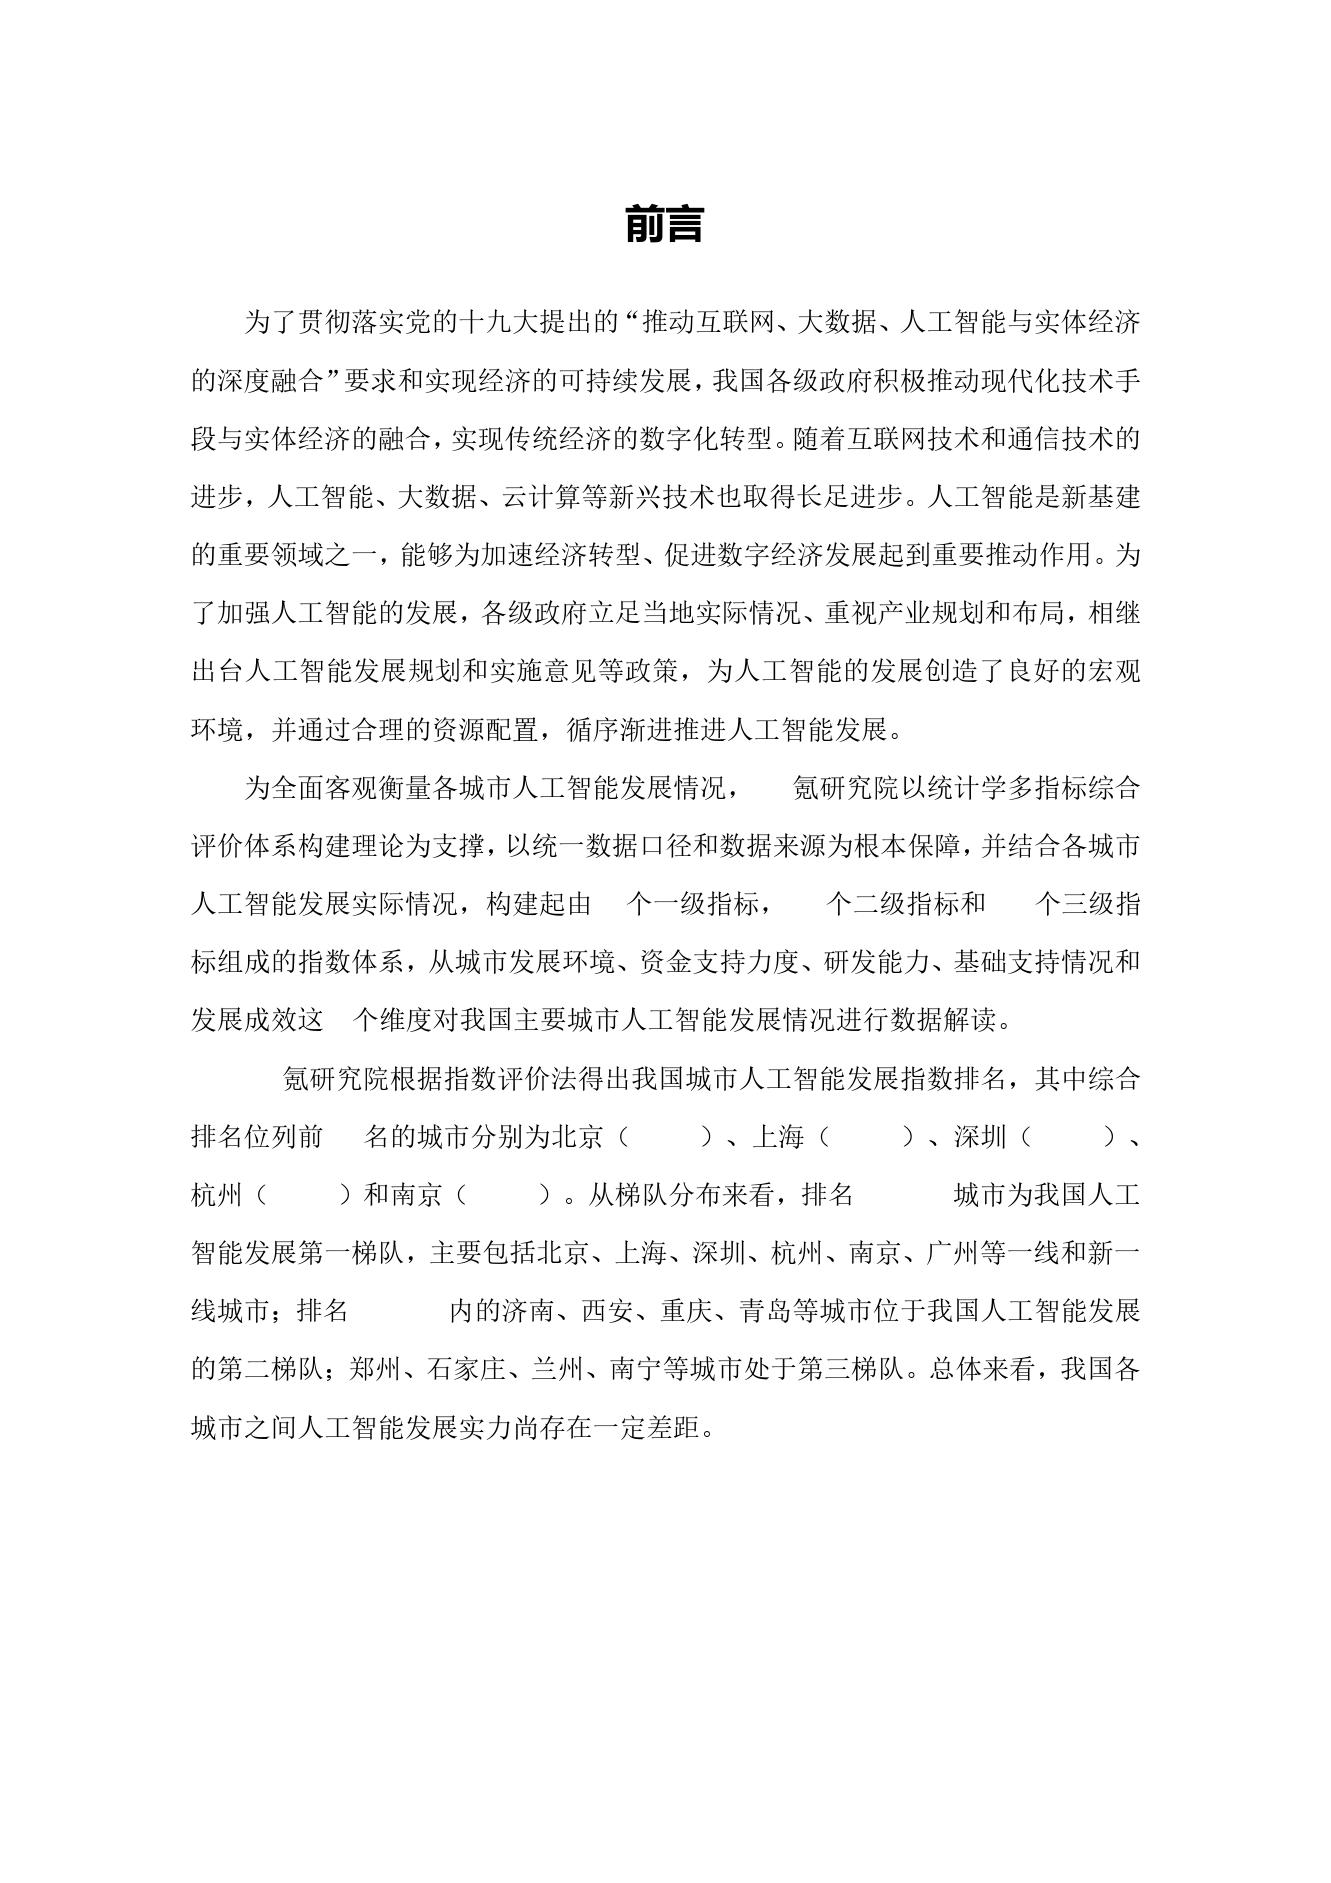 36氪研究院:2020年中国城市人工智能发展指数报告(可下载报告)插图(7)